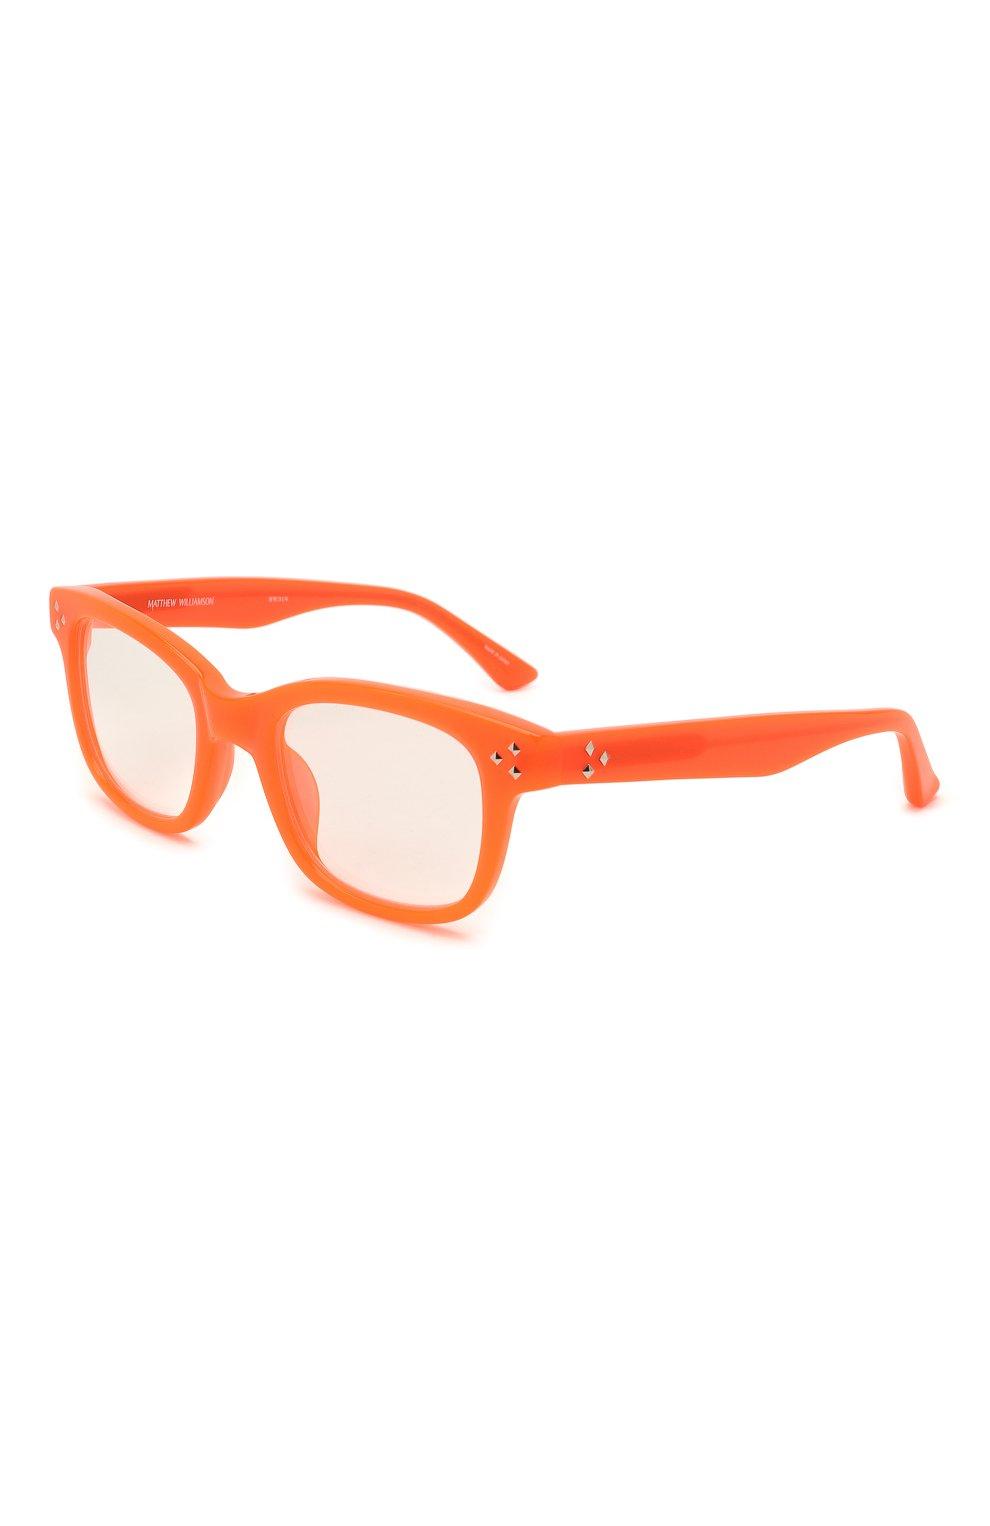 Женские оправа MATTHEW WILLIAMSON оранжевого цвета, арт. MW31C6 0PT | Фото 1 (Тип очков: Оправа; Оптика Гендер: оптика-женское; Очки форма: Прямоугольные)